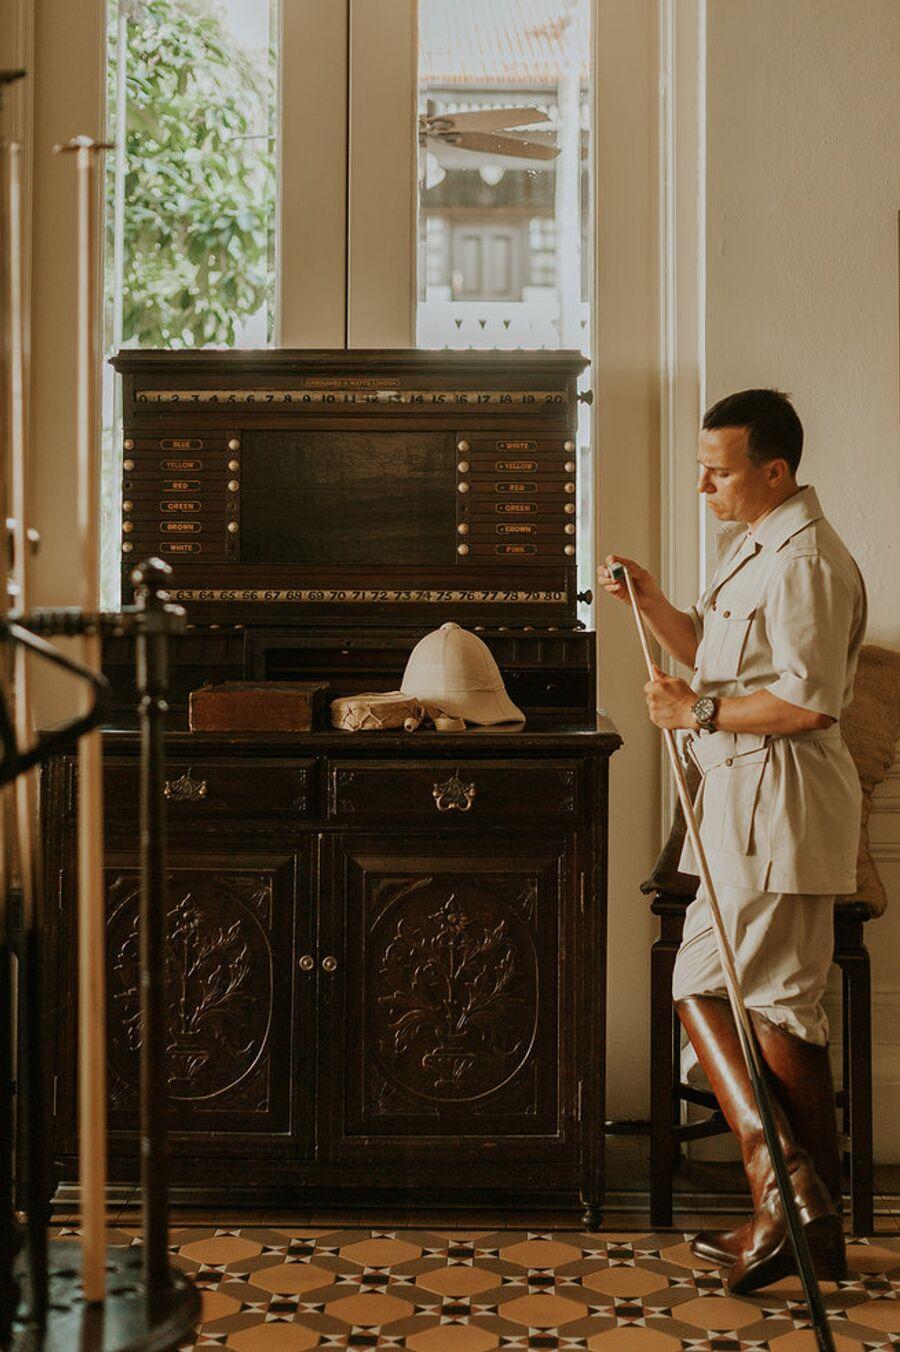 Мужчина готовится играть в бильярд. Raffles Singapore